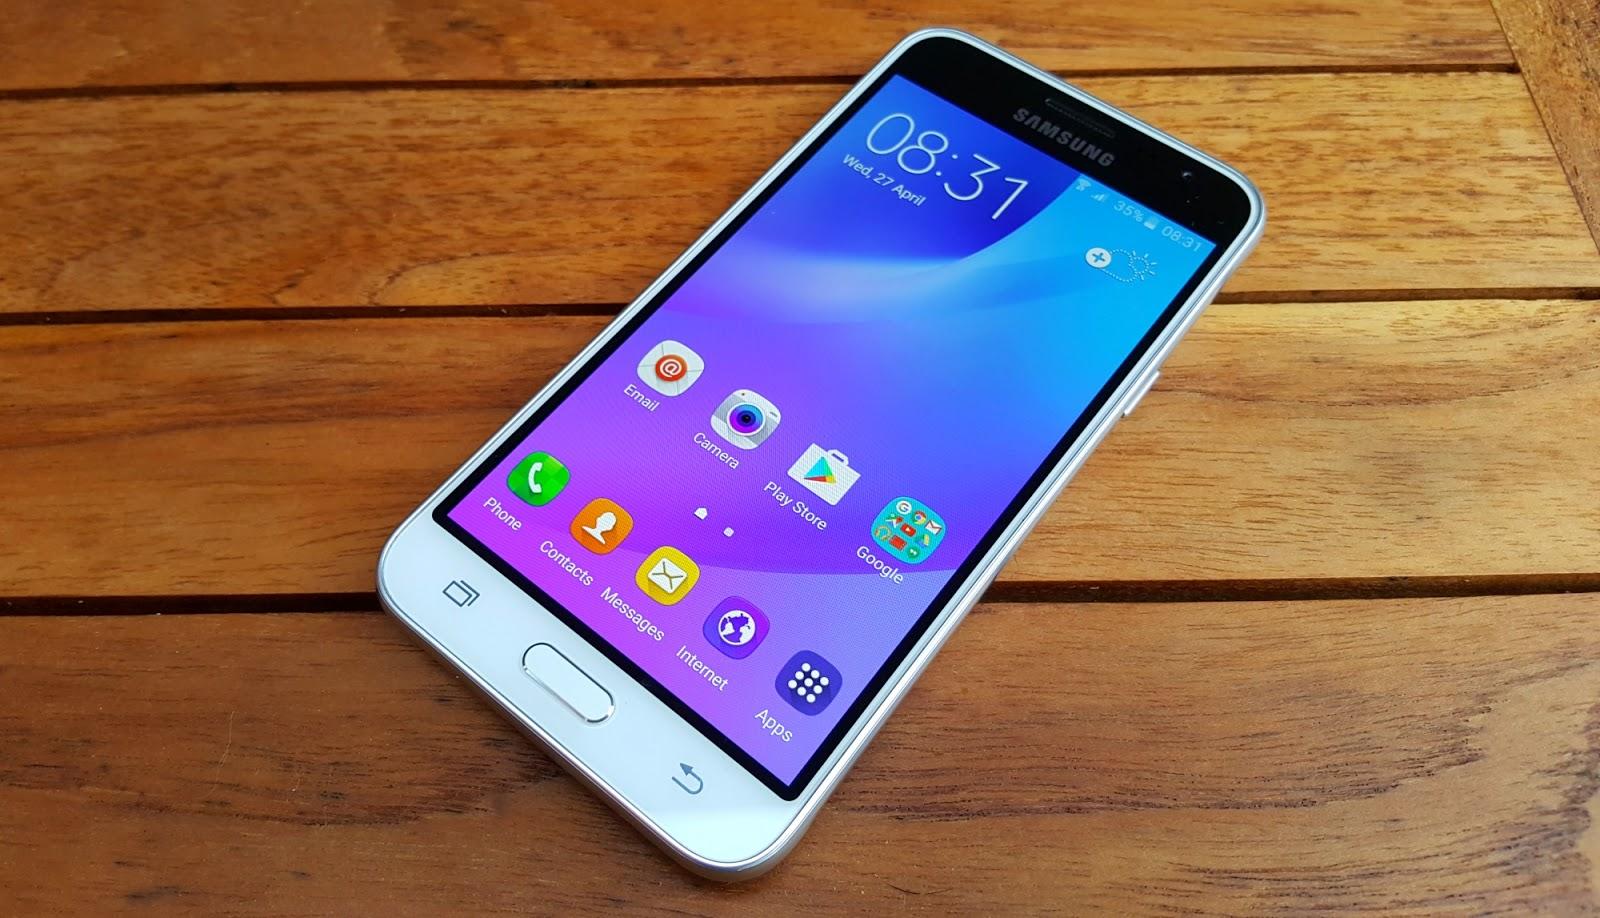 Samsung Galaxy J3 non riconosciuto da PC o MAC: come collegarlo